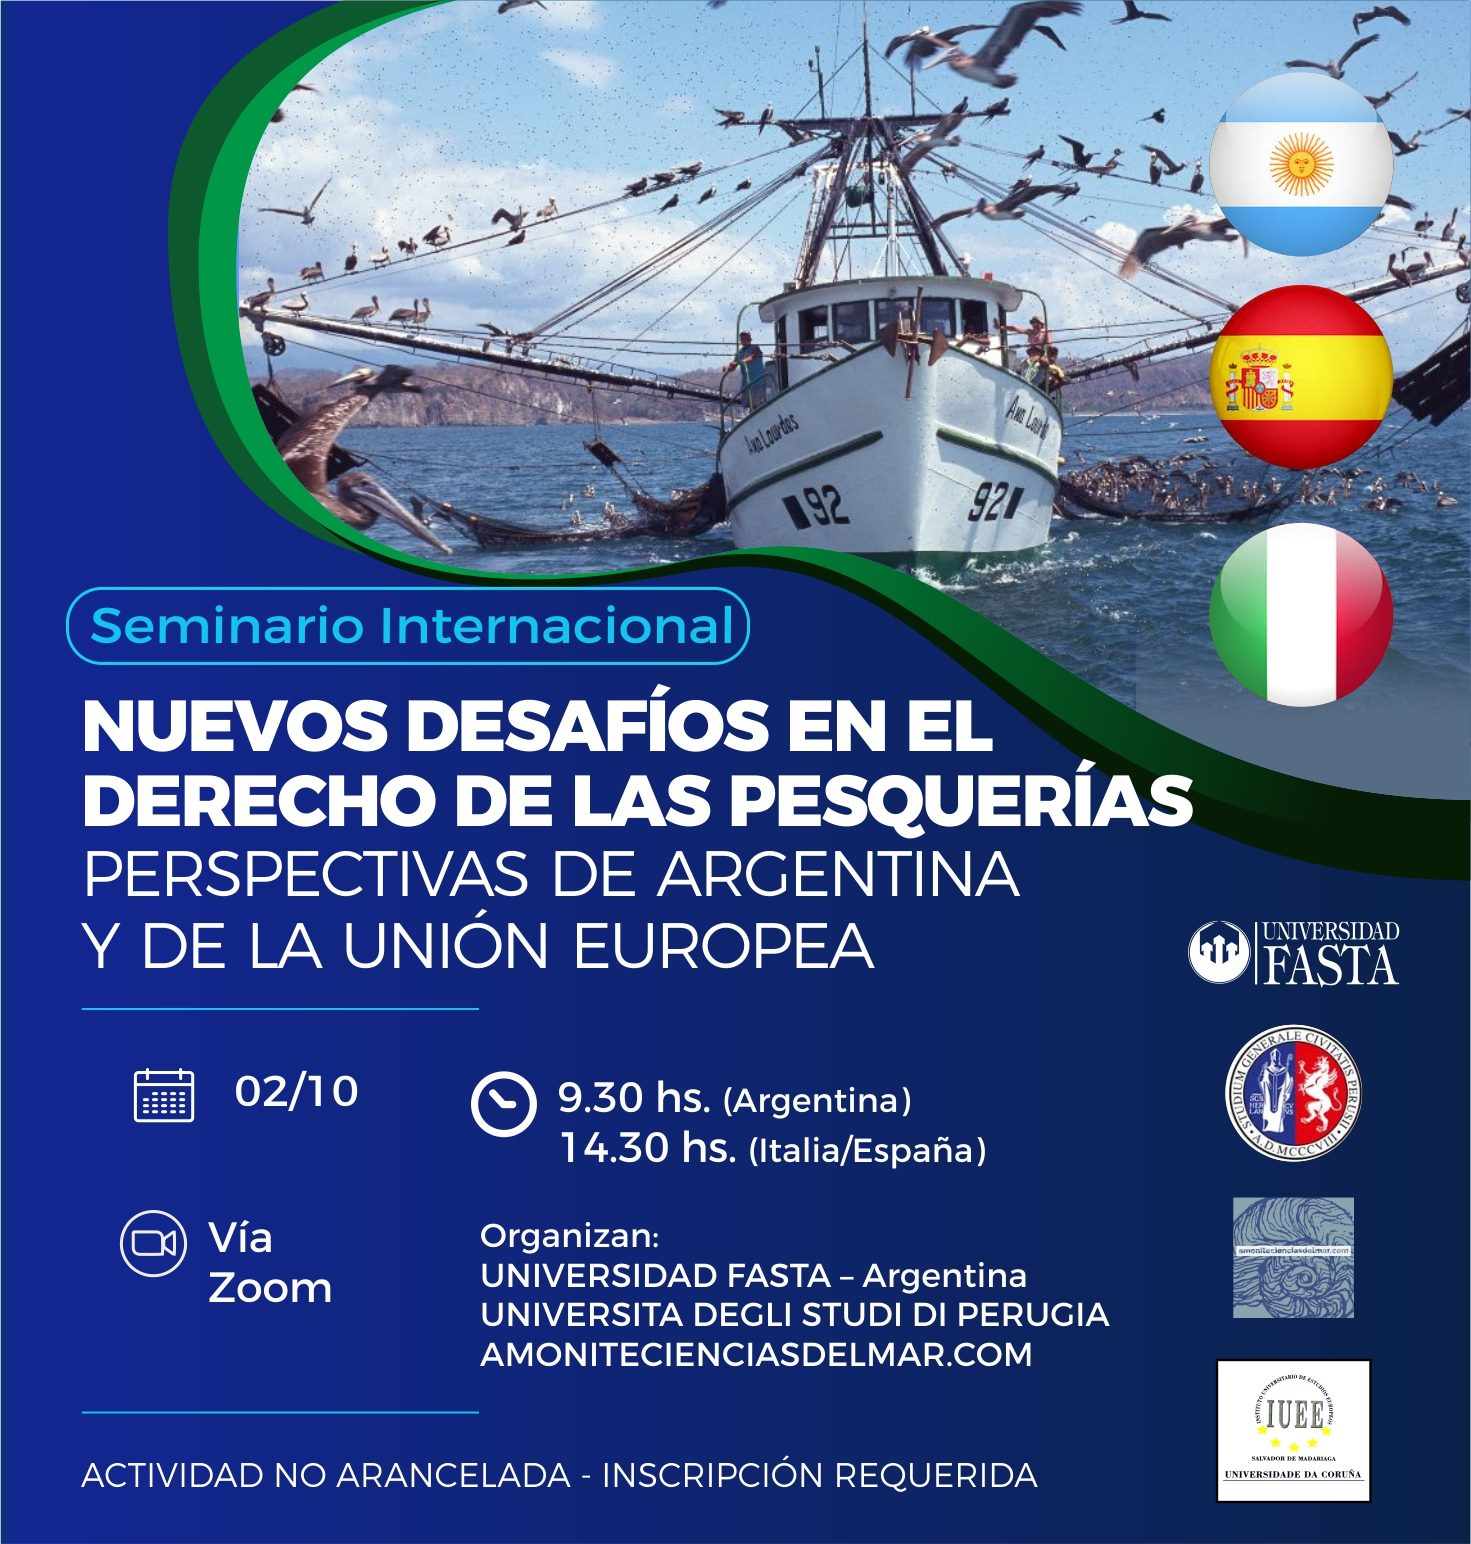 Seminario Internacional: Nuevos Desafíos en el Derecho de las Pesquerías, Perspectivas de Argentina y de la Unión Europea